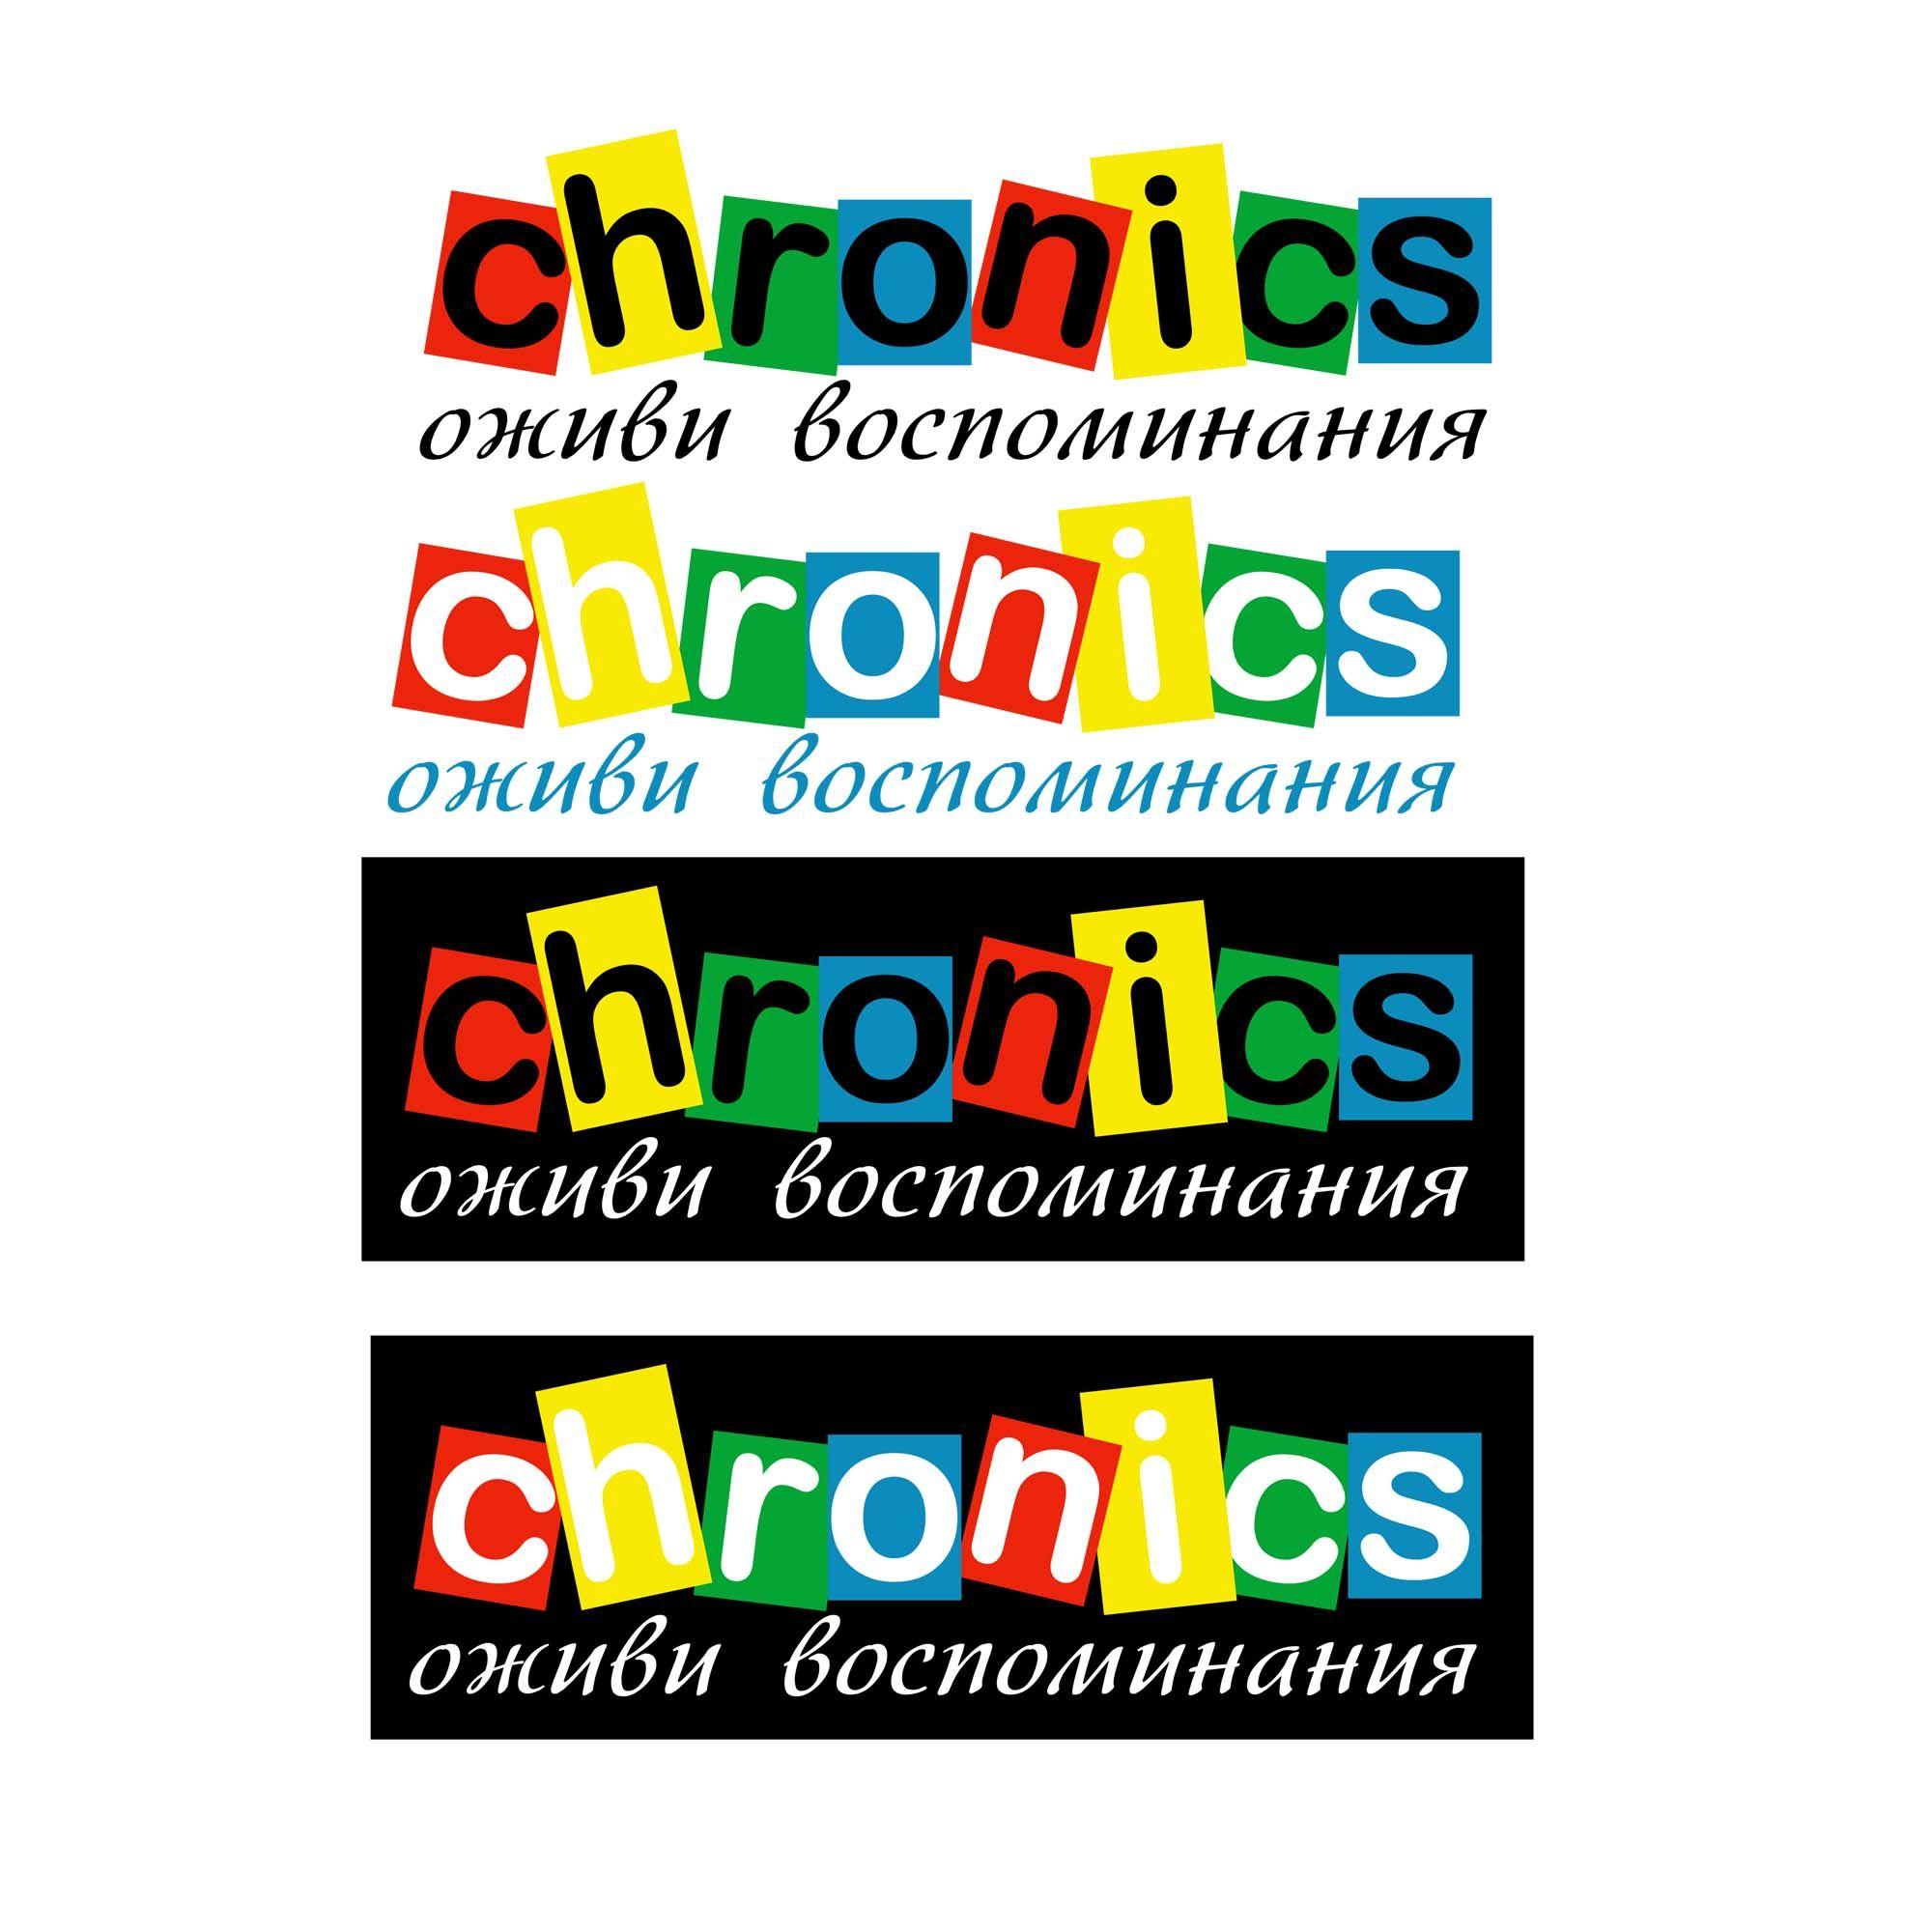 Логотип сервиса Chronics - дизайнер vanakim